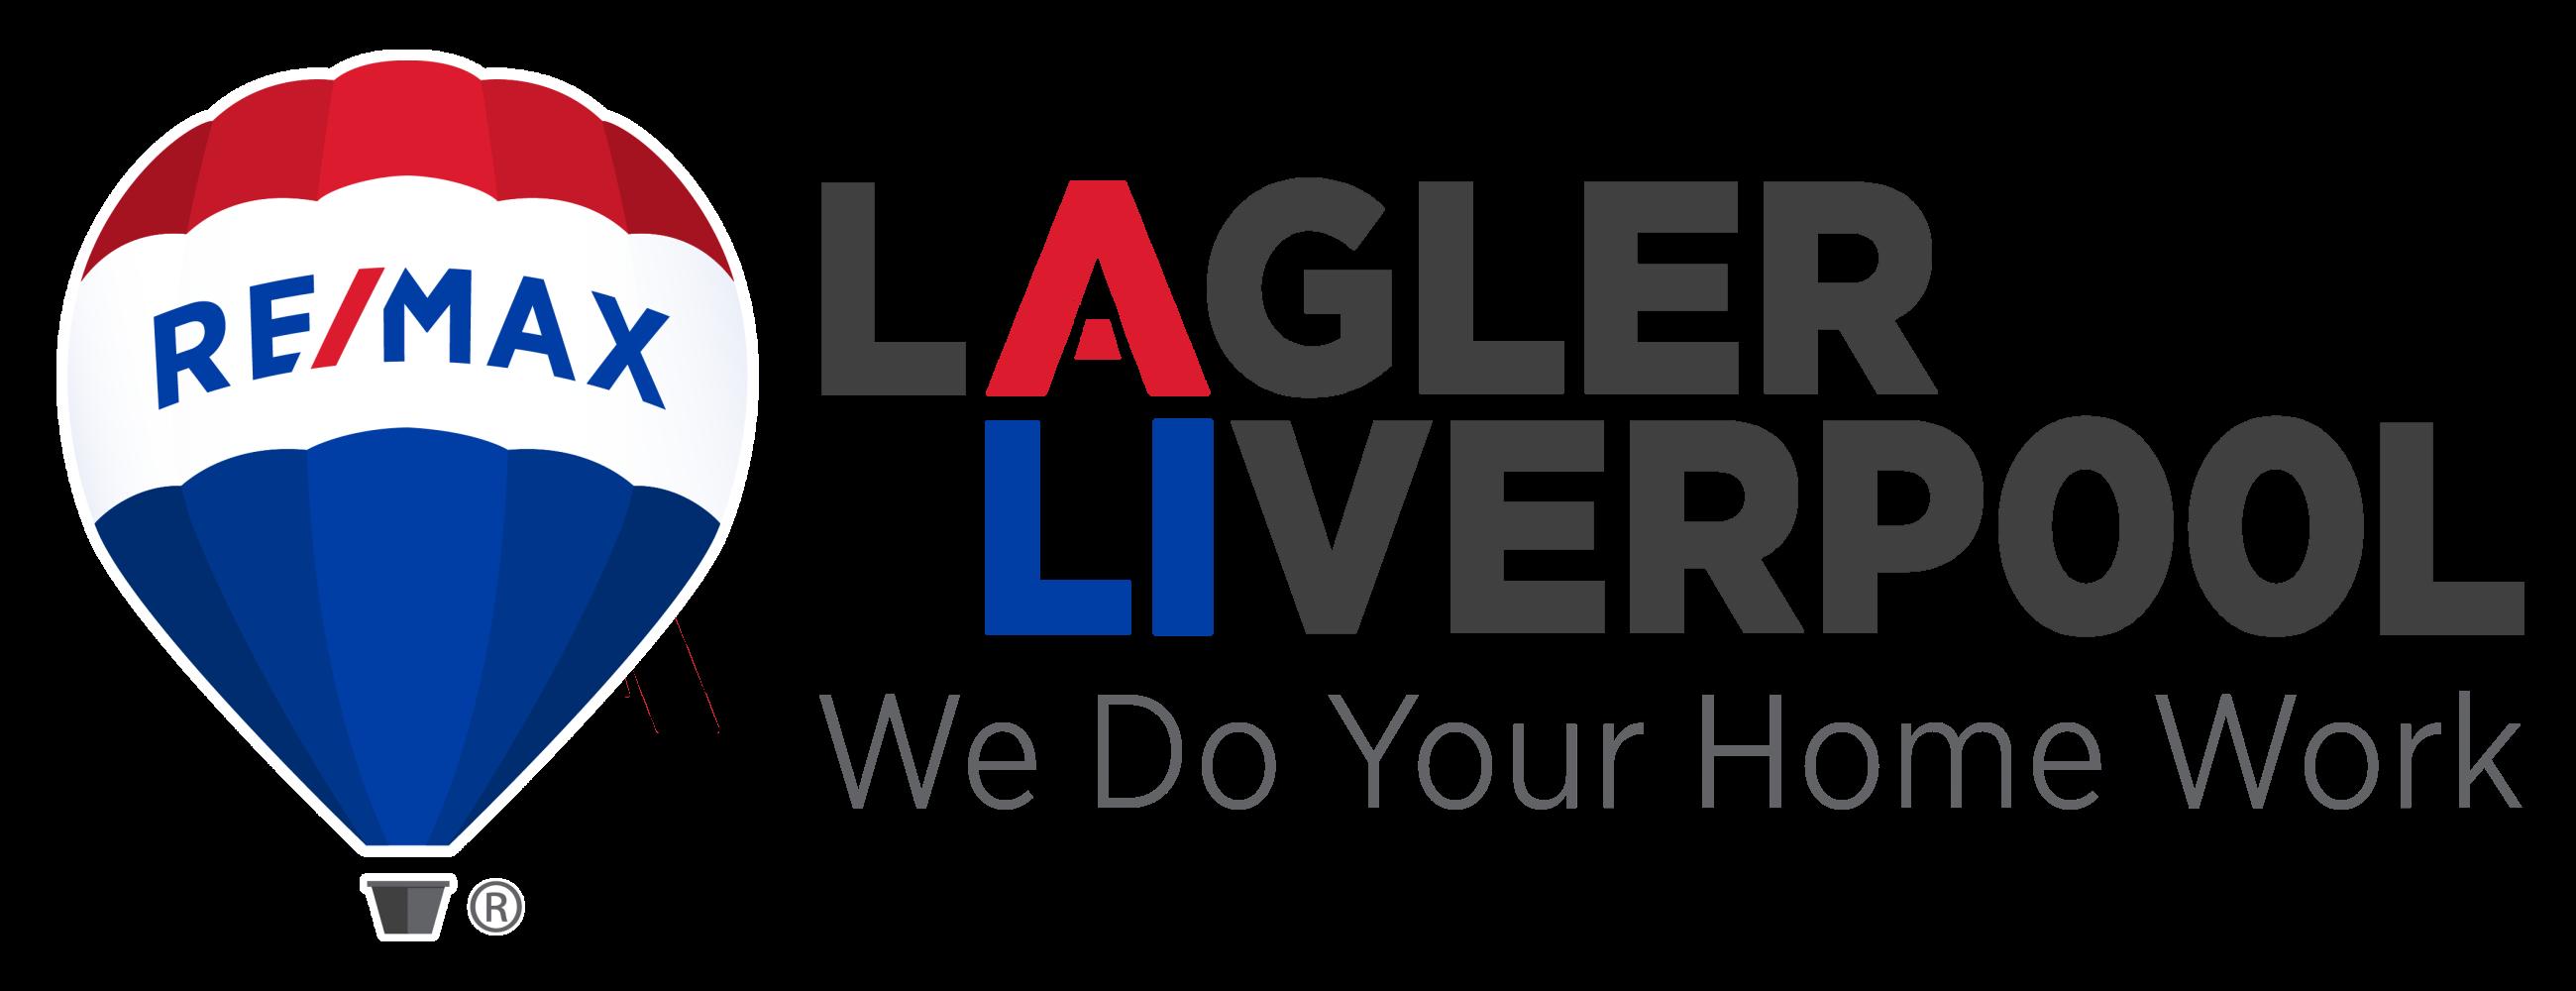 Parry Lagler Real Estate Team